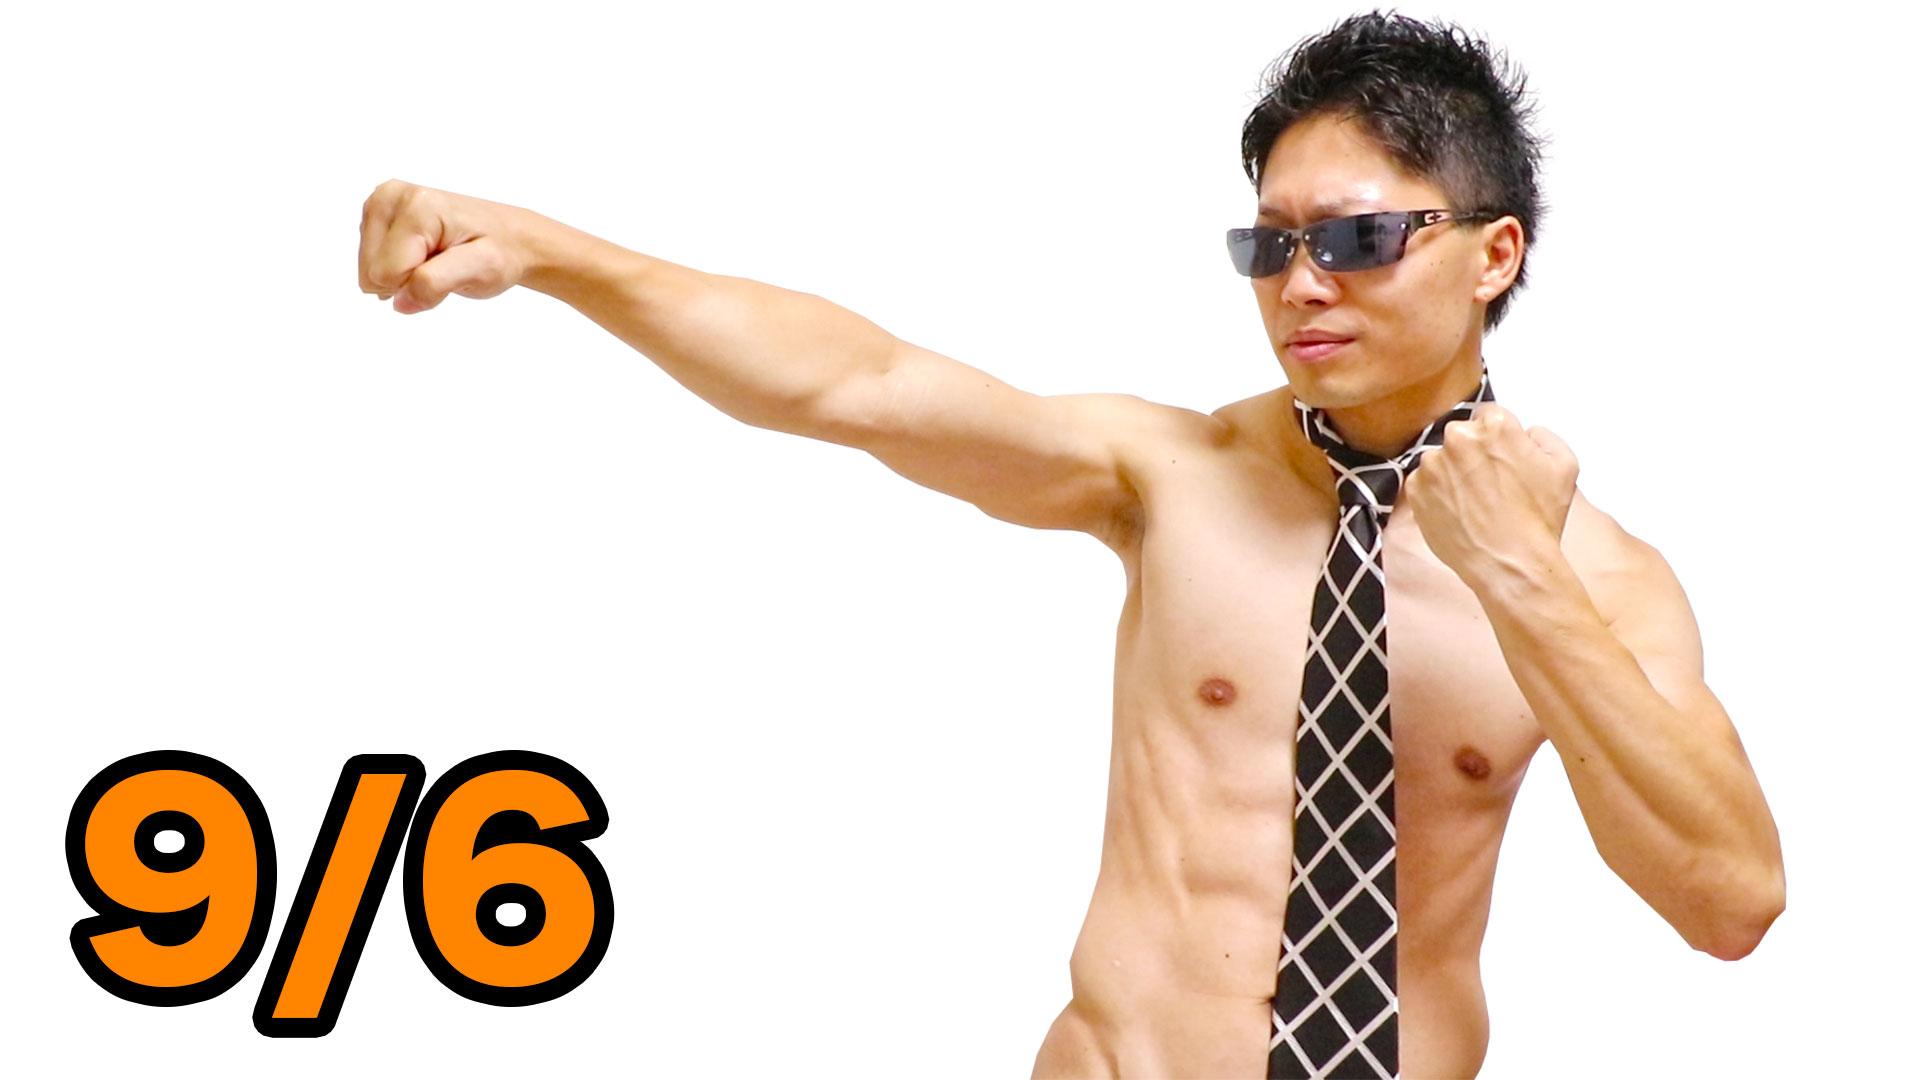 【ハロウィン筋トレ】9/6の腹筋を割る運動メニュー!